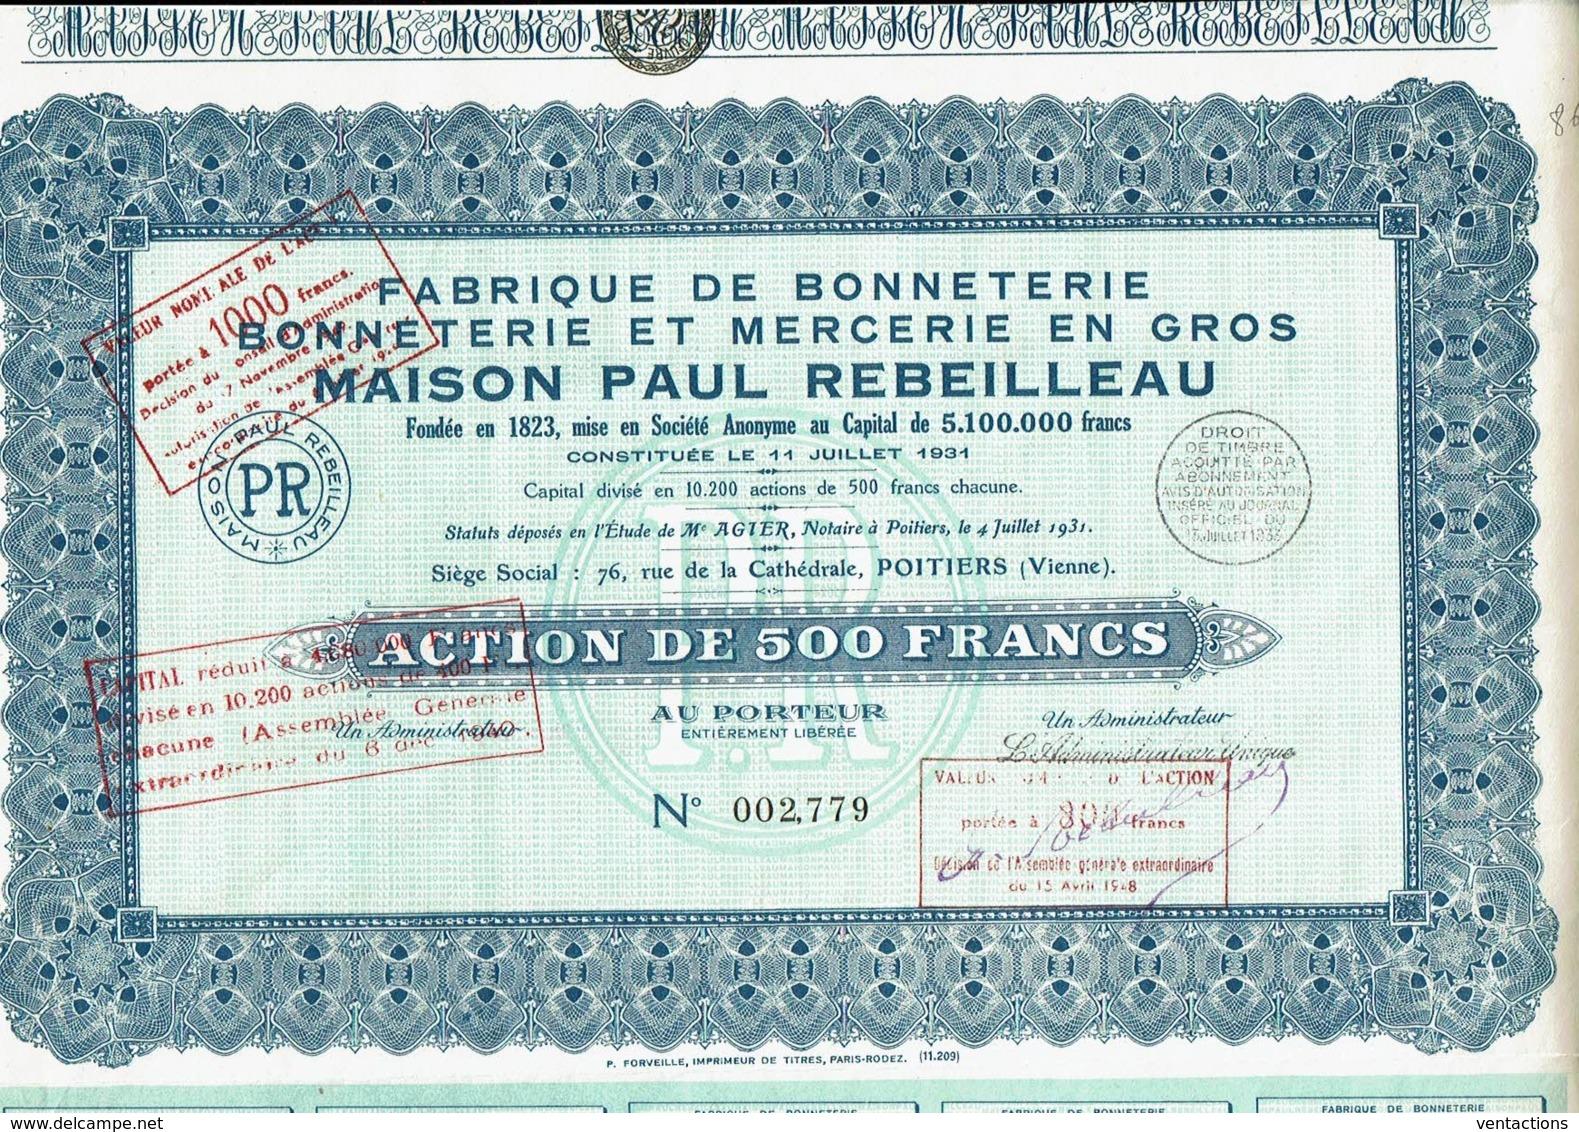 86-FABRIQUE DE BONNETERIE. BONNETERIE ET MERCERIE EN GROS. MAISON PAUL REBEILLEAU. POITIERS - Other